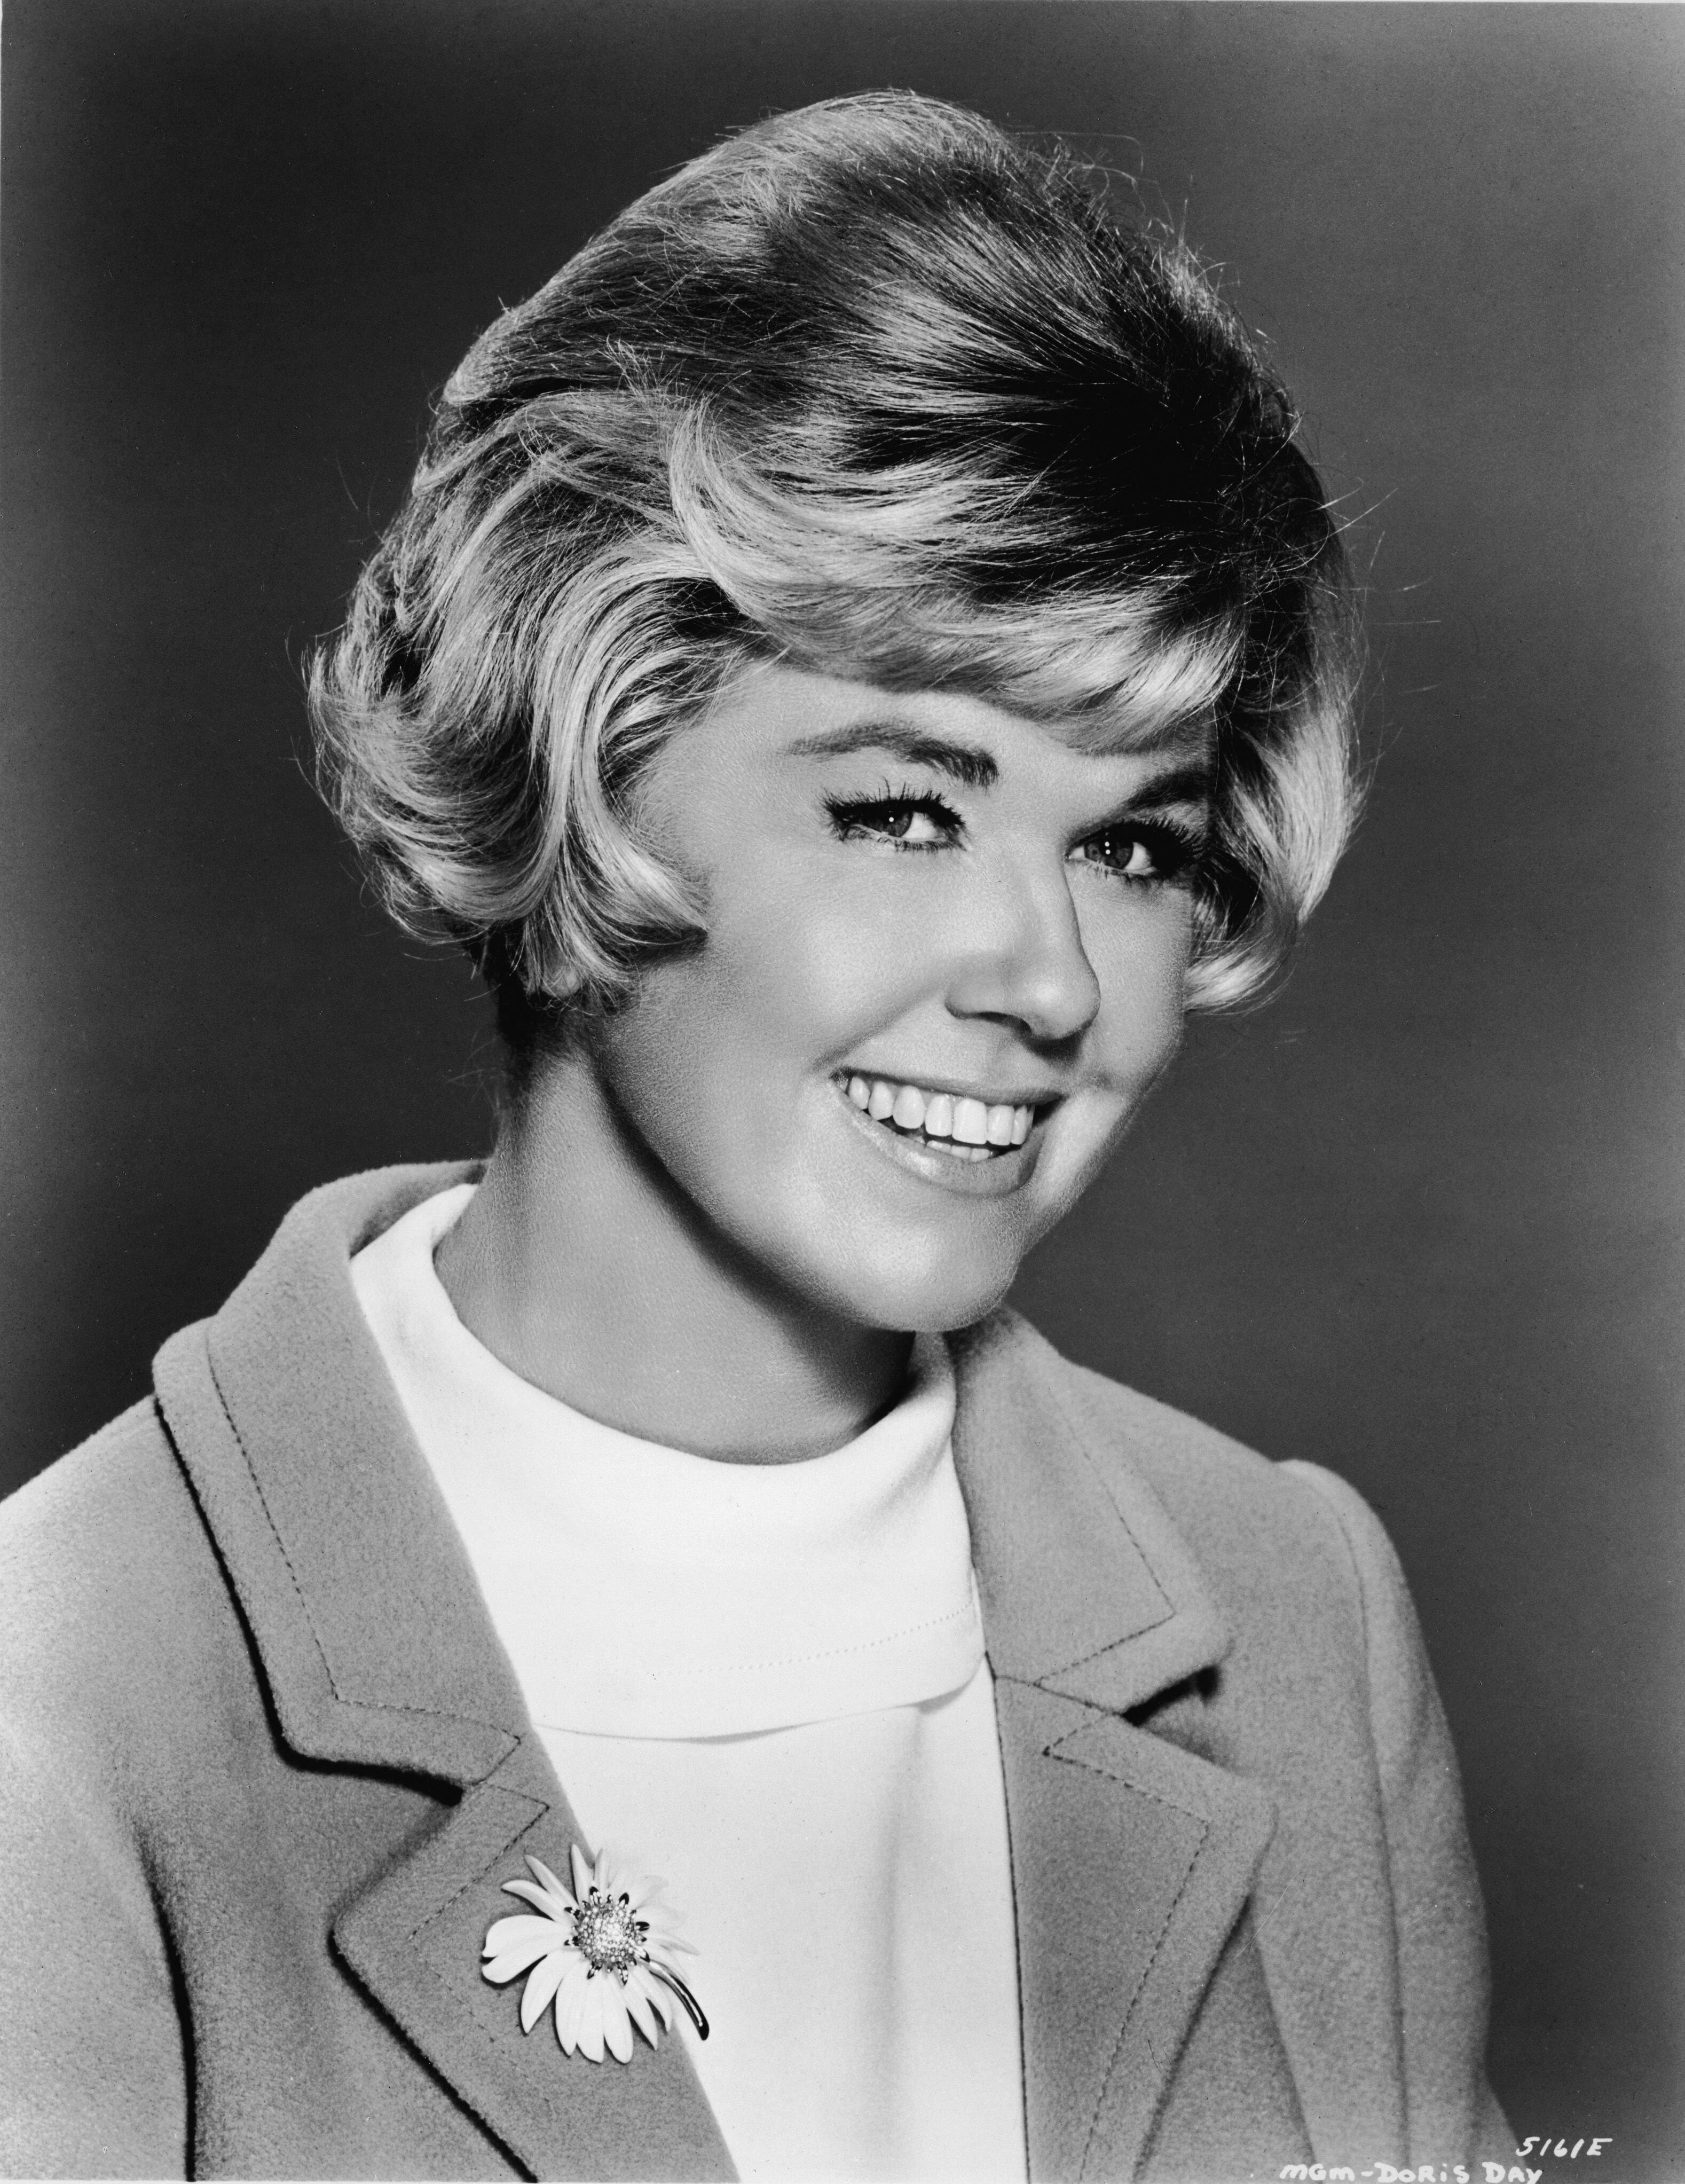 Junge Doris Day | Quelle: Getty Images